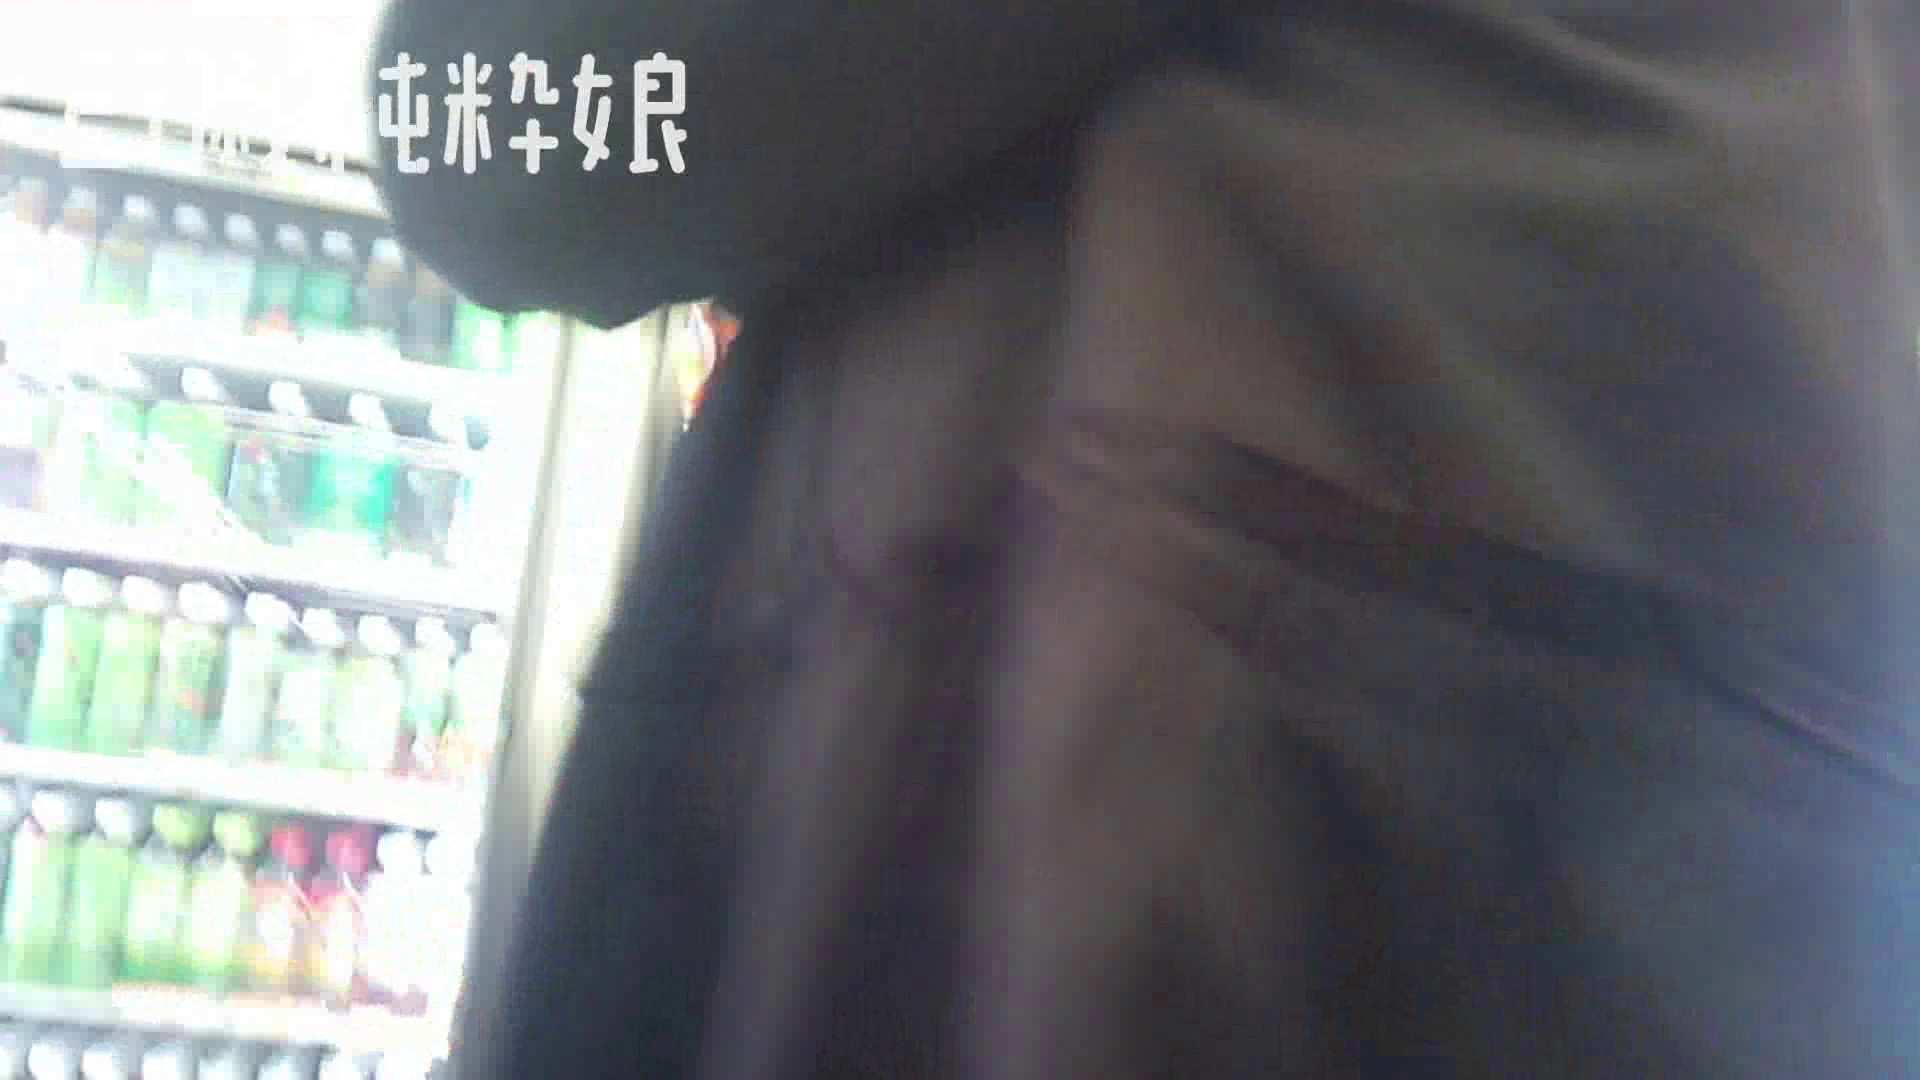 Gカップ21歳純粋嬢第2弾Vol.5 一般投稿  77pic 9